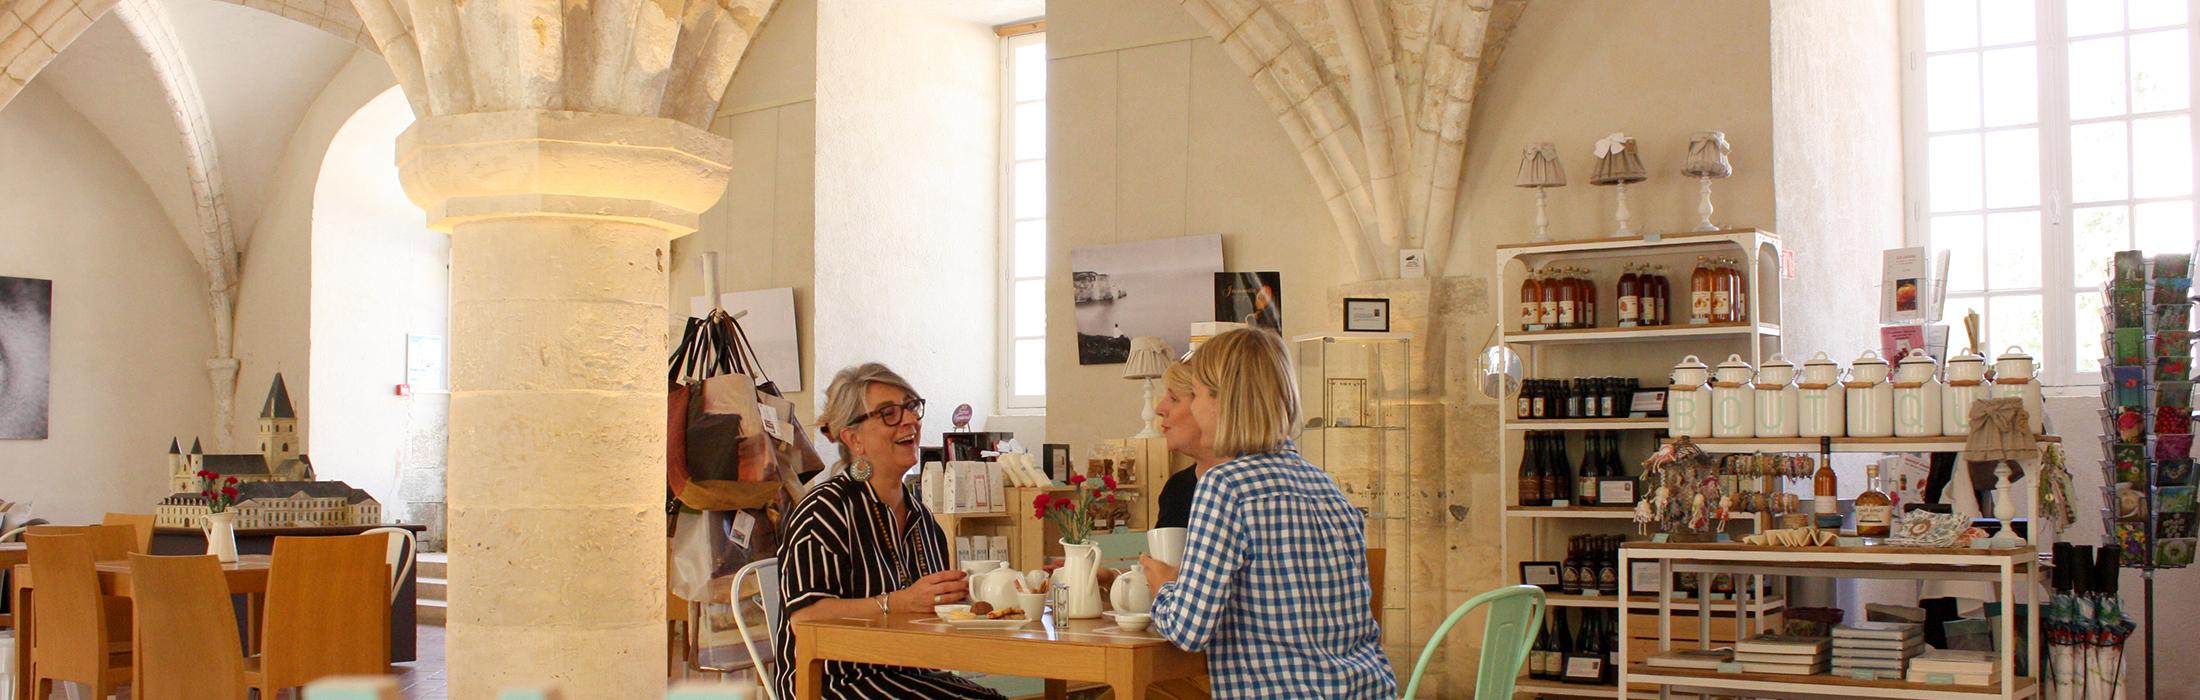 C'est l'heure du thé !    Accordez-vous une pause thé dans l'un de nos salons de thé. Saviez-vous qu'il était possible d'apprécier un bon thé sous les 1